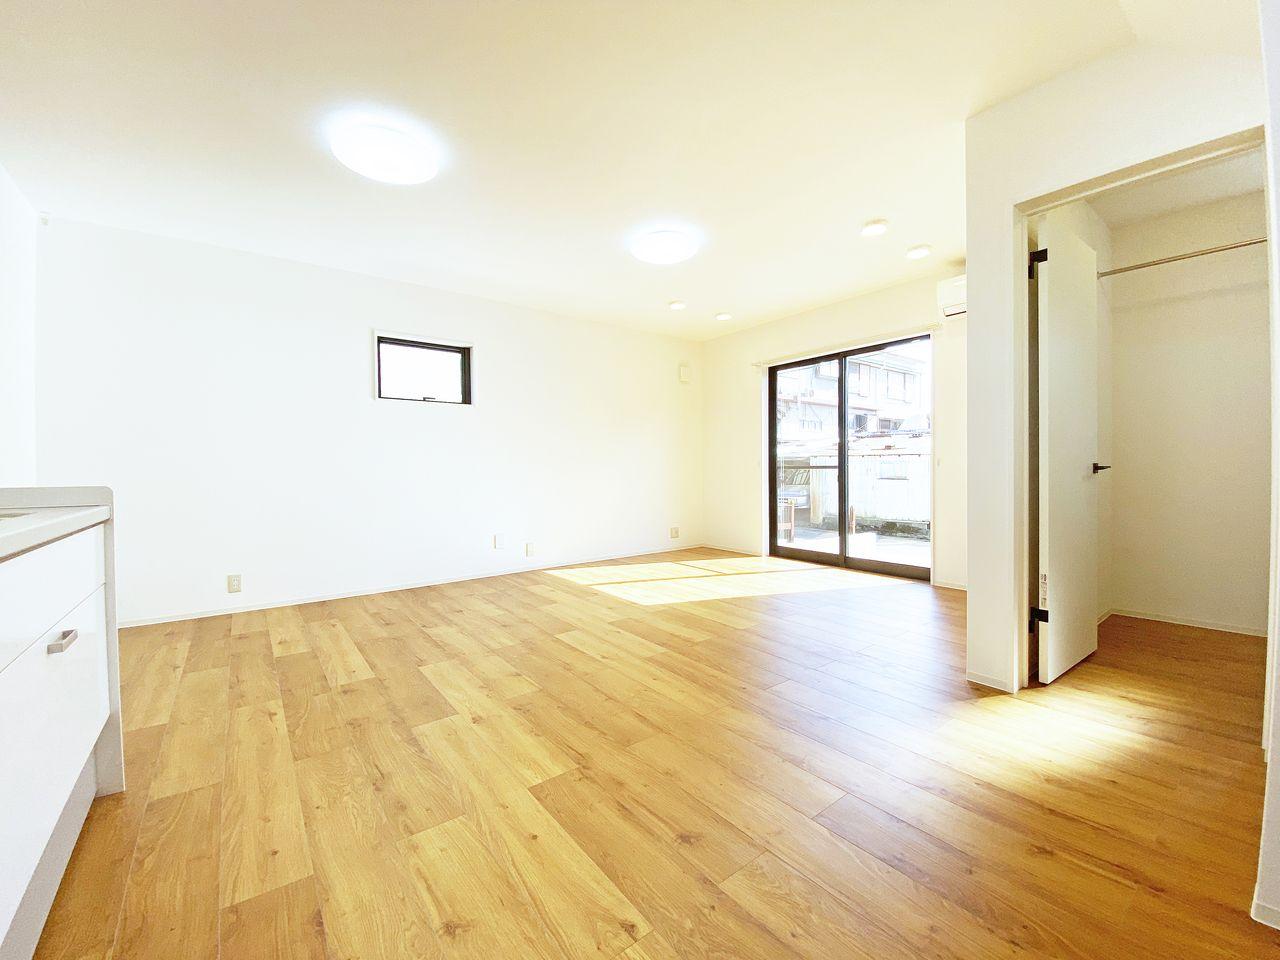 四万十市の賃貸住宅「シマレント具同」